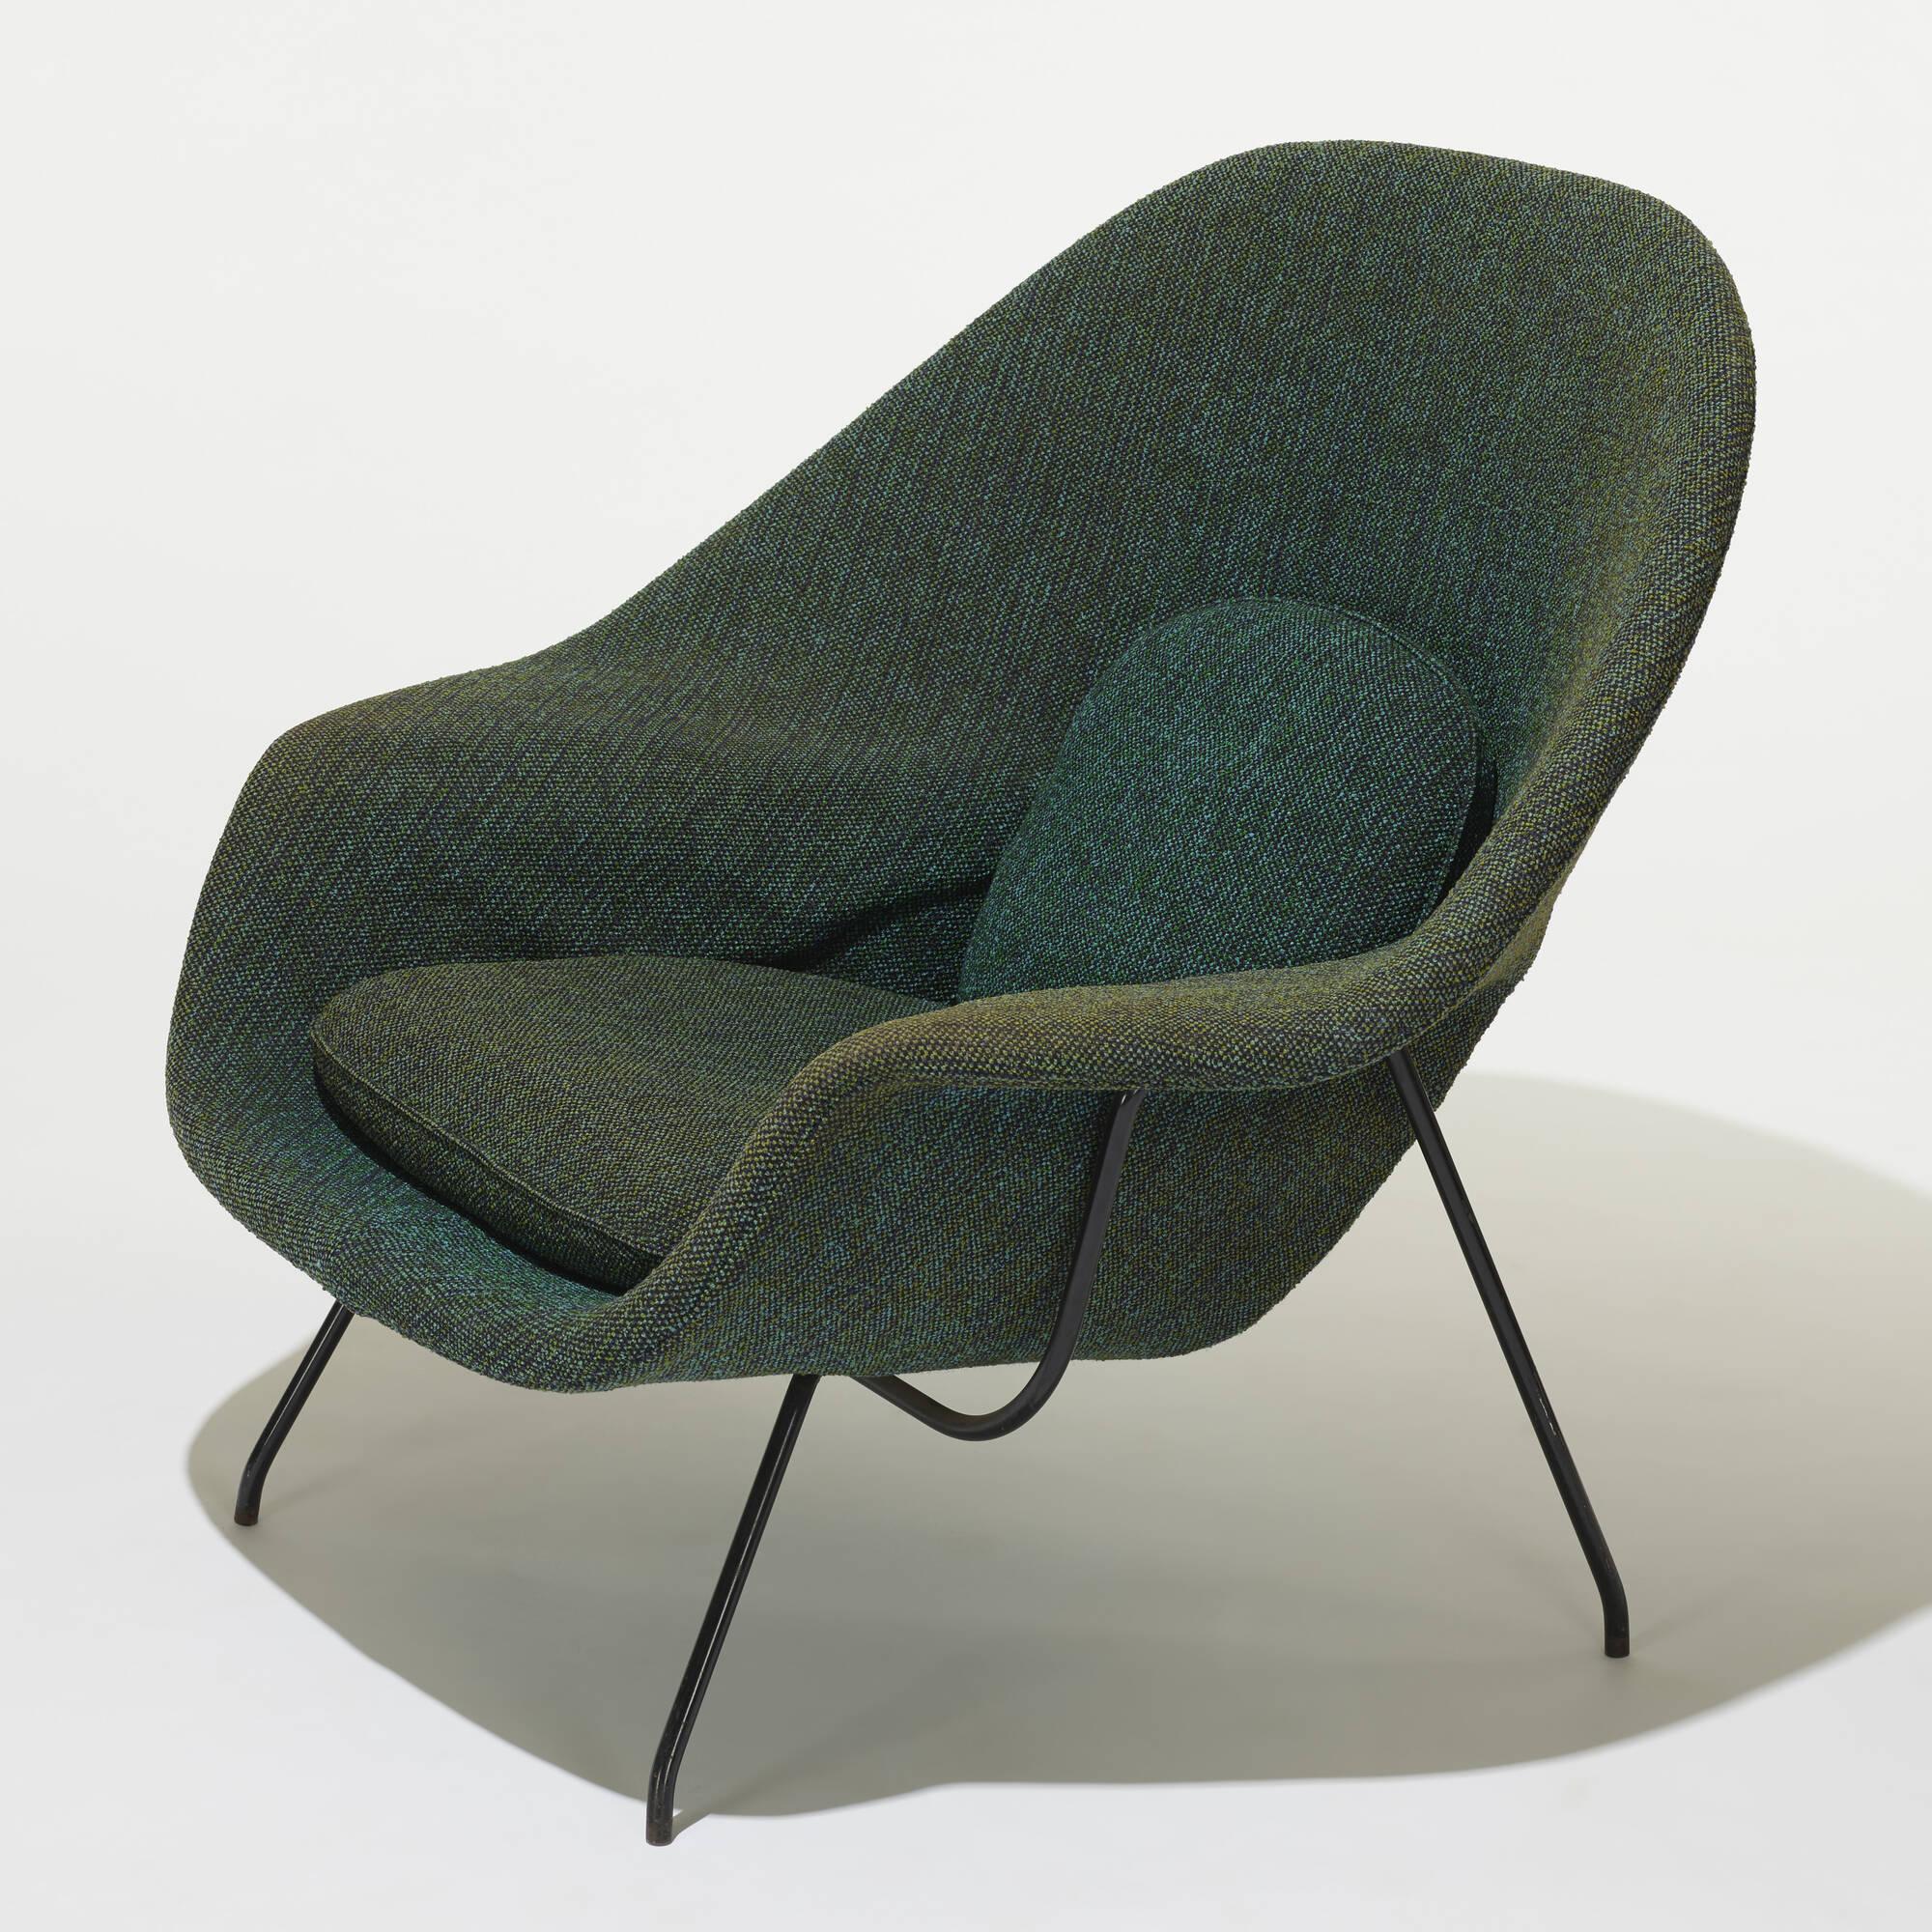 229: EERO SAARINEN, Womb chair and ottoman